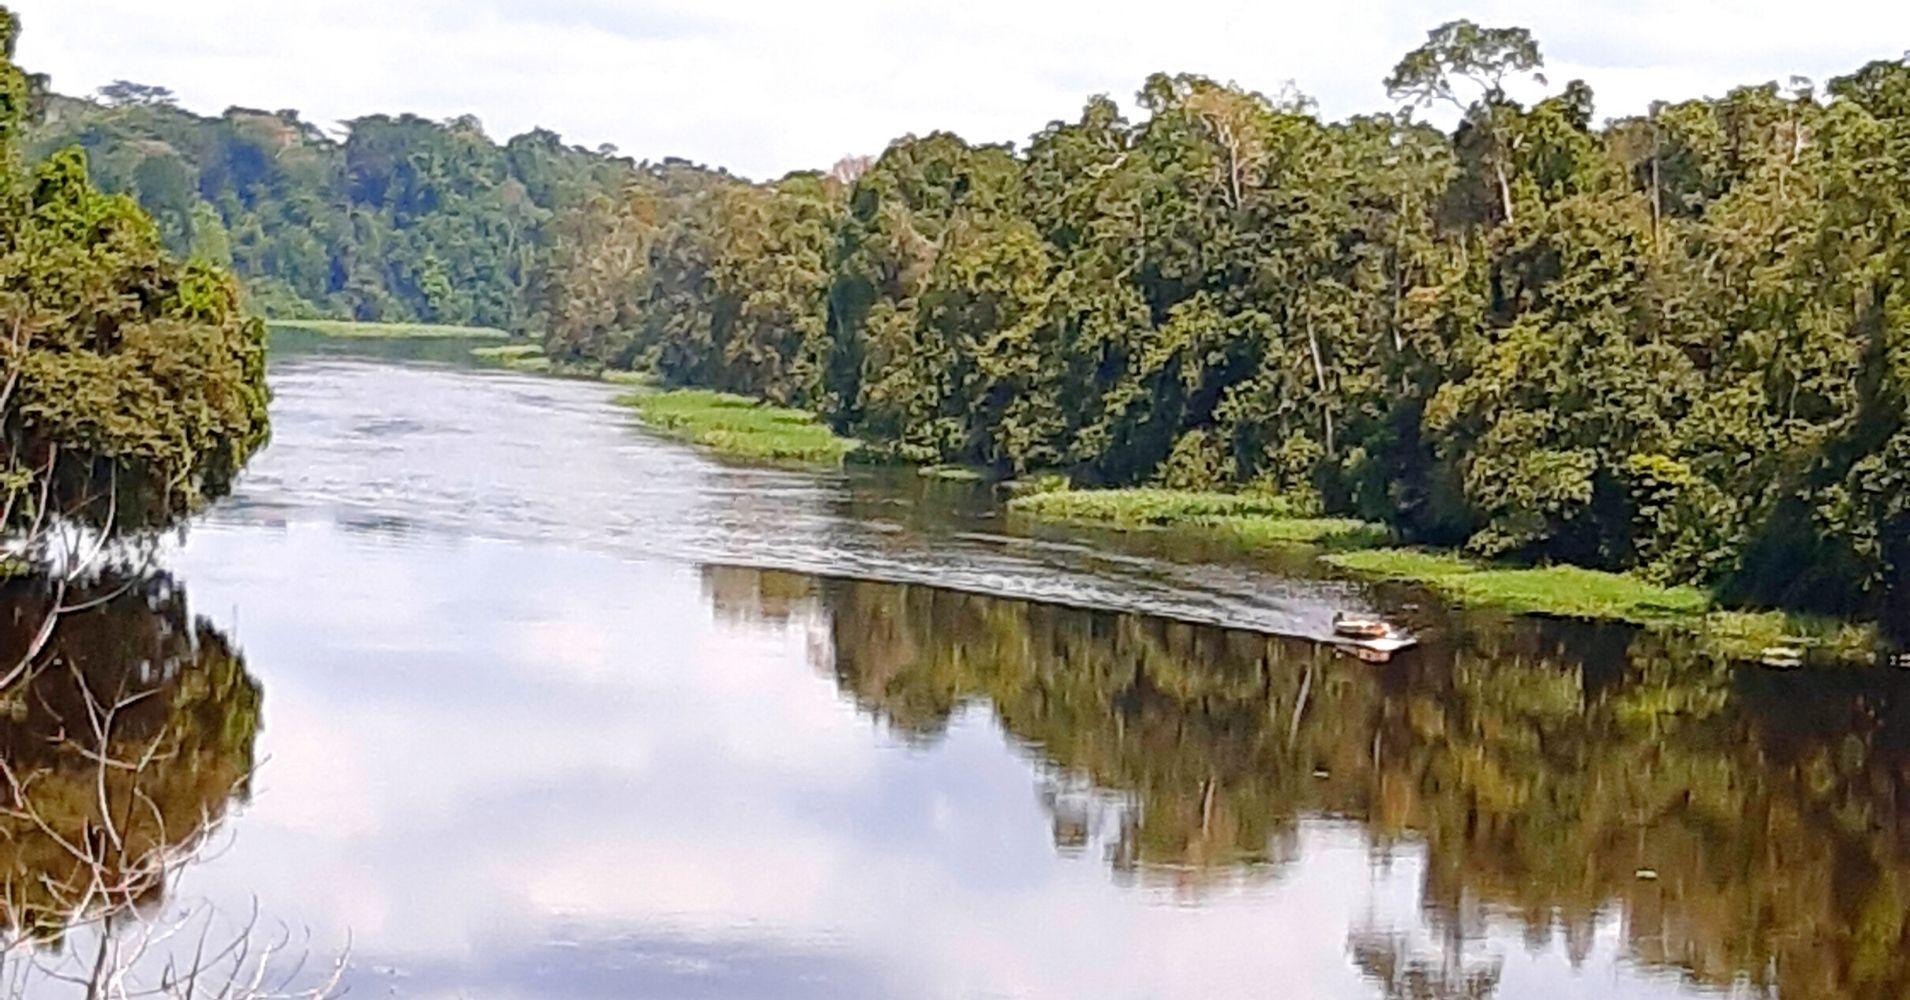 Navegando por el Rio Nyong. Camerún.